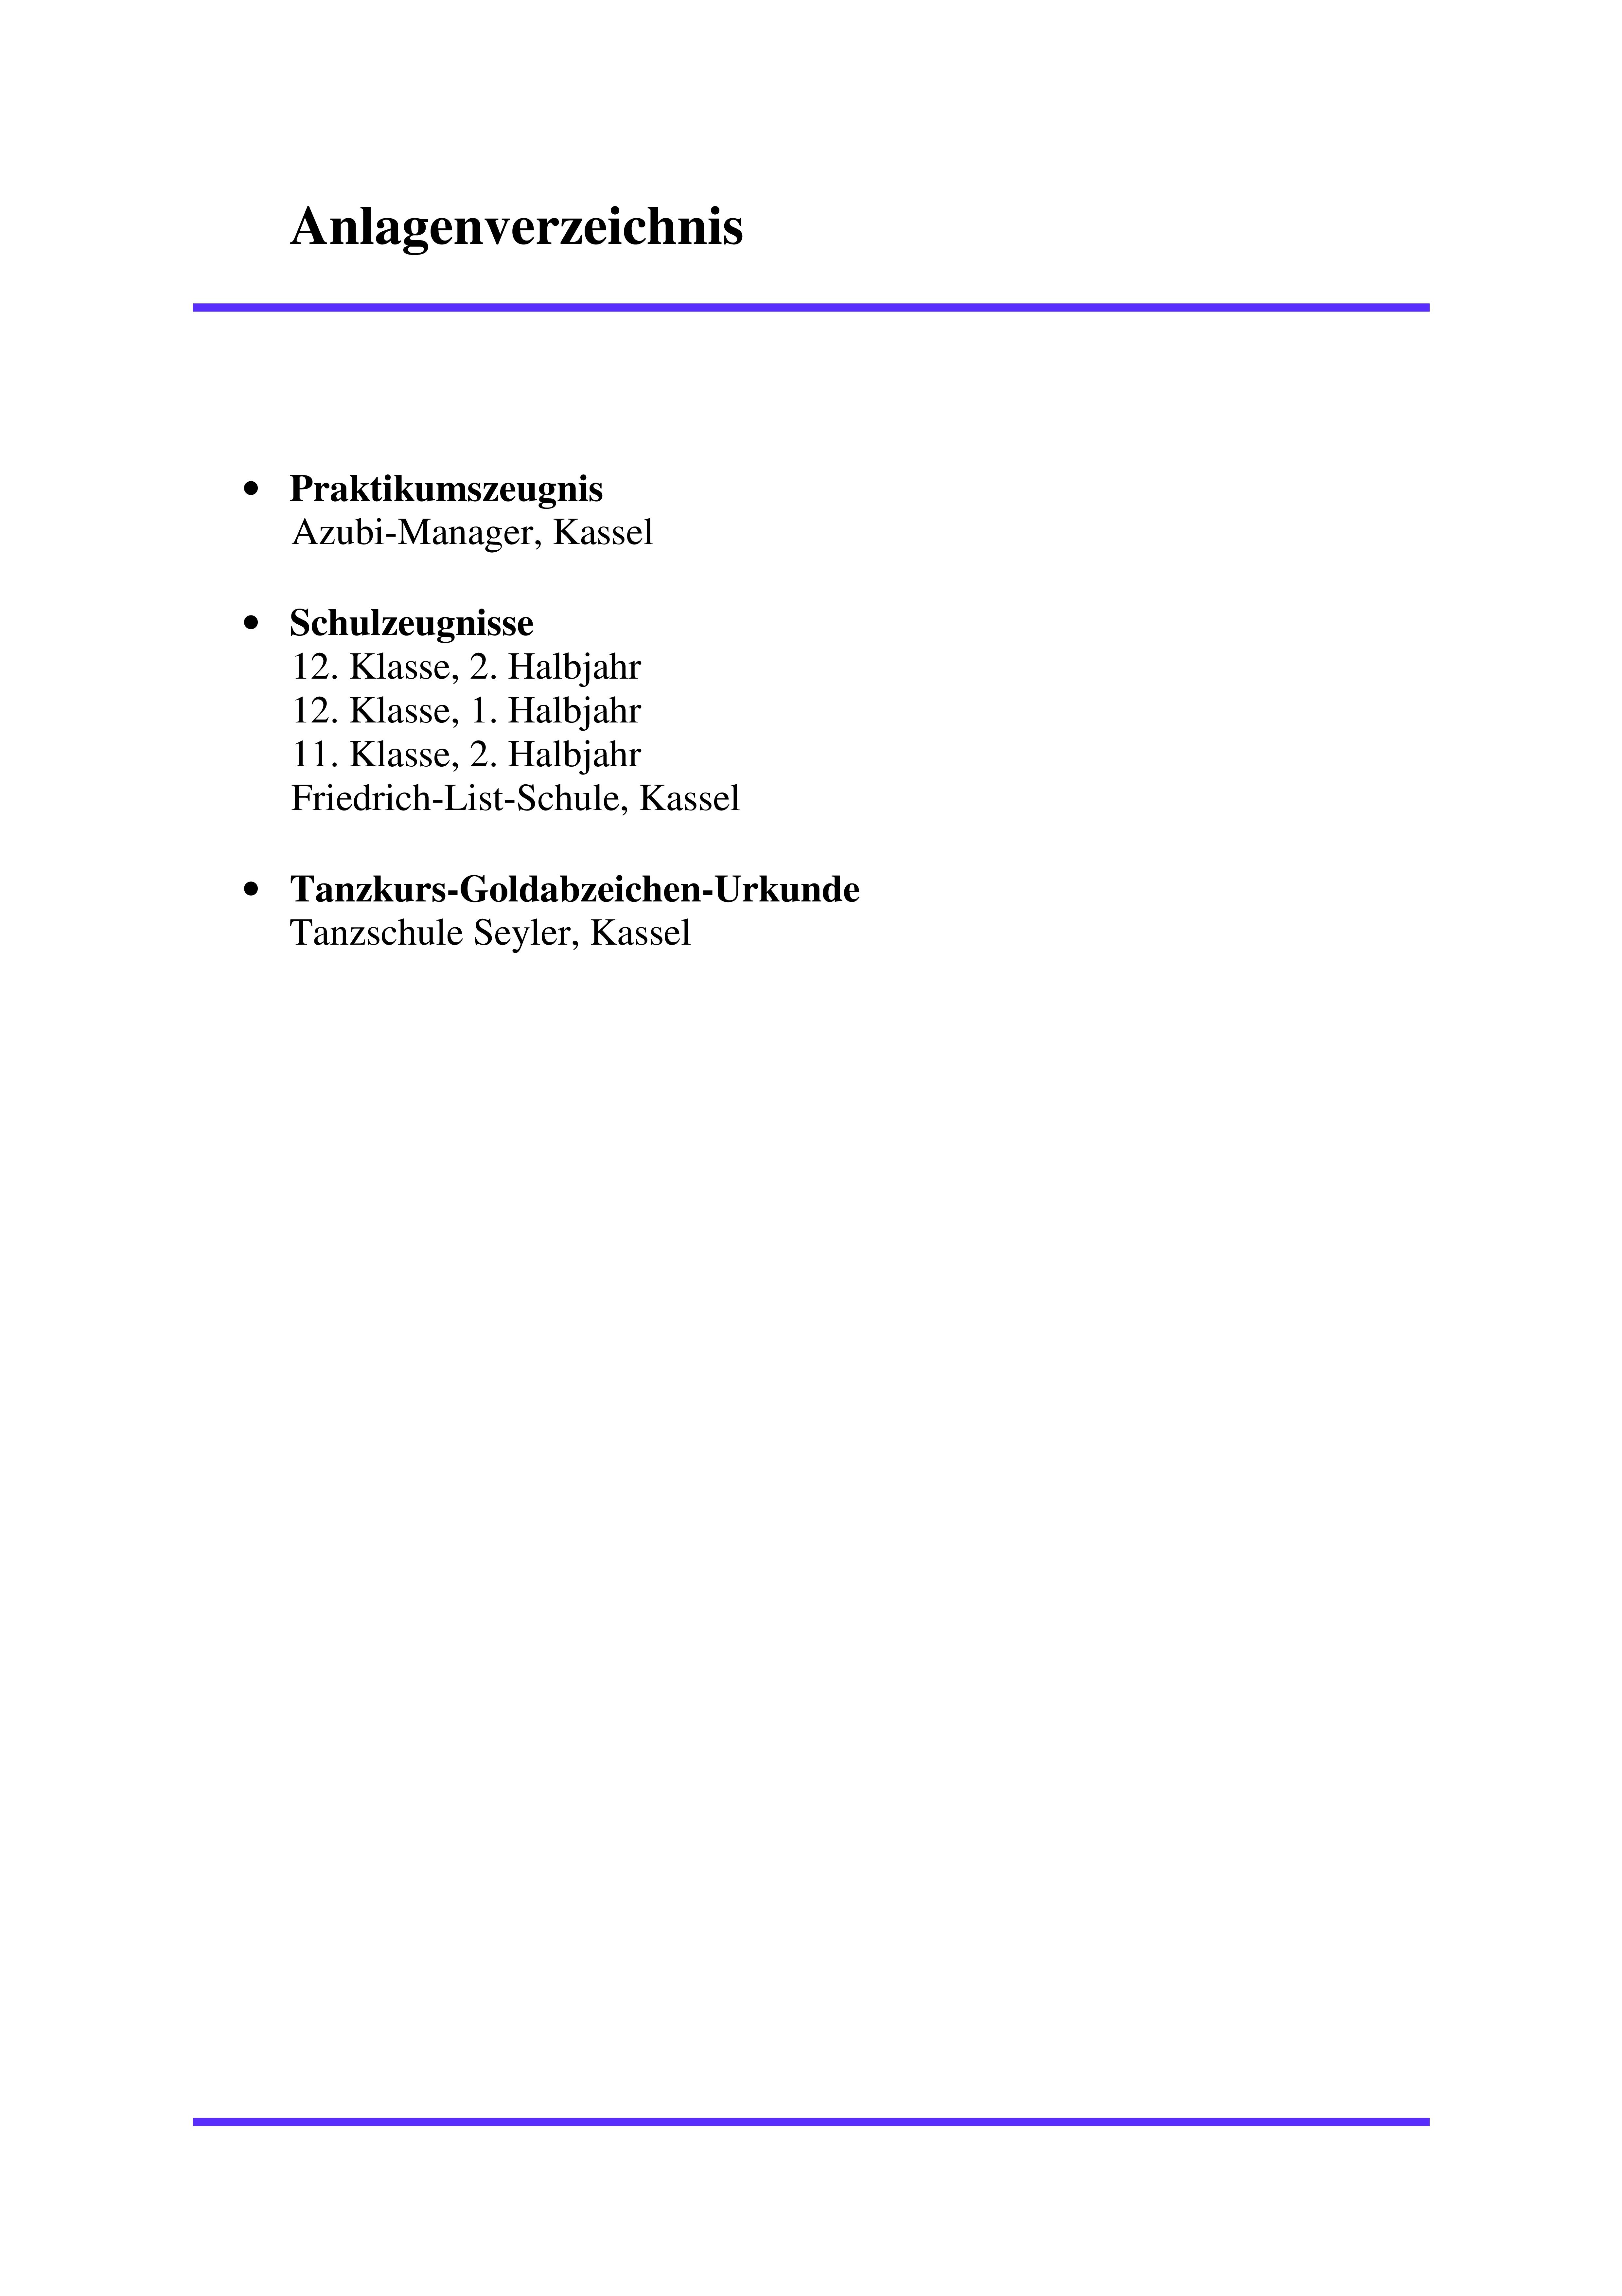 anlagenverzeichnis 001 - Bromanagement Bewerbung